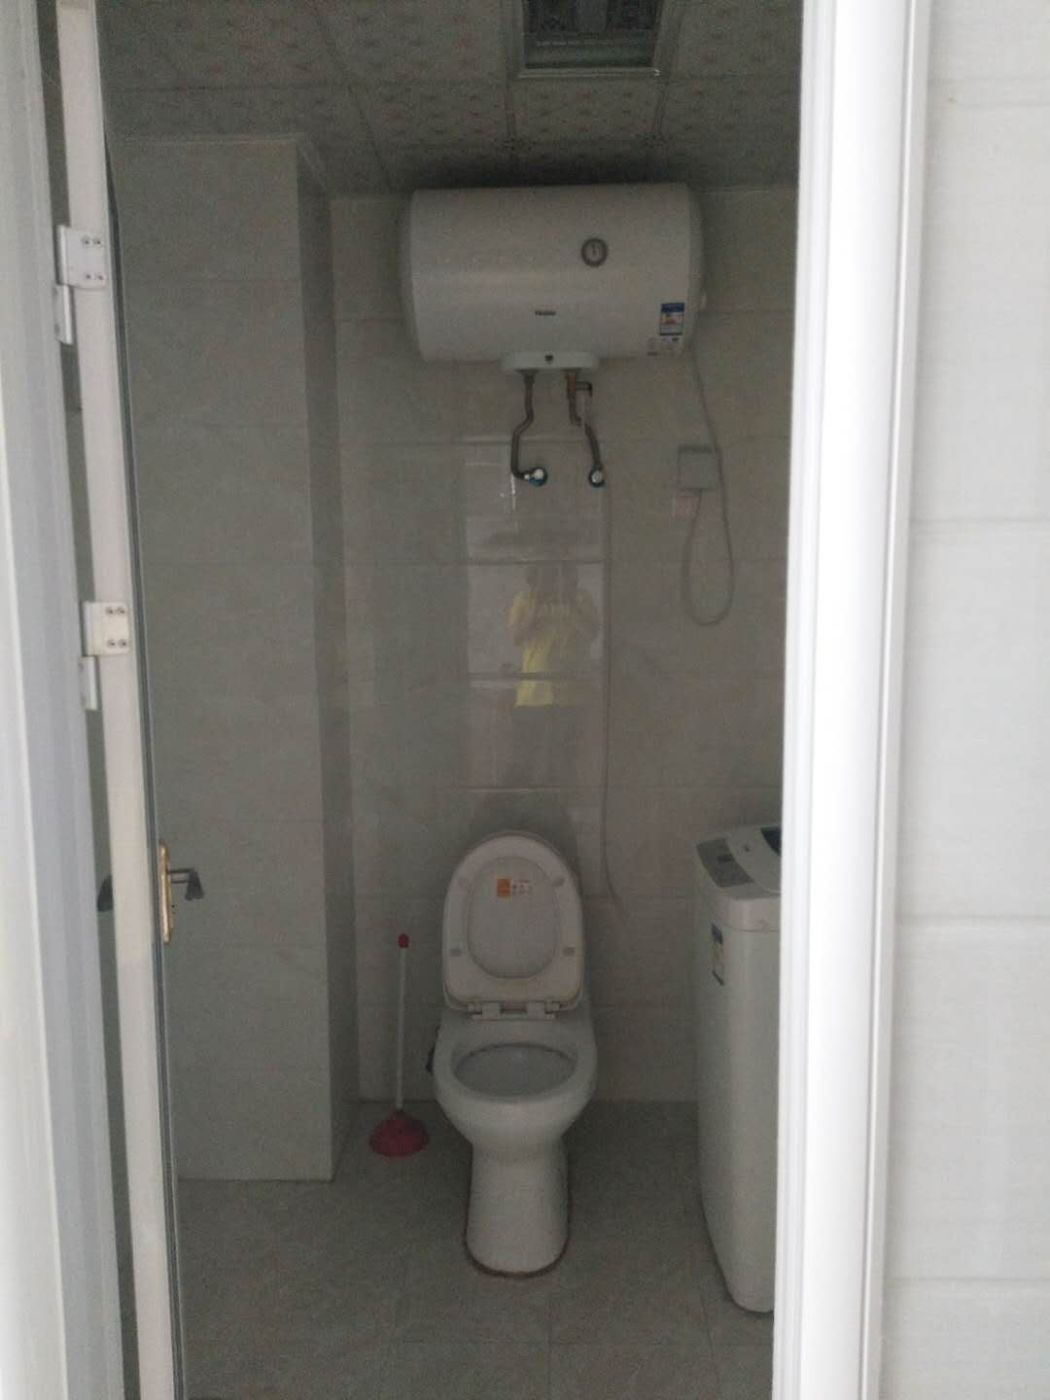 羲龙公寓一室一厅一卫带空调 拎包入住羲龙公寓